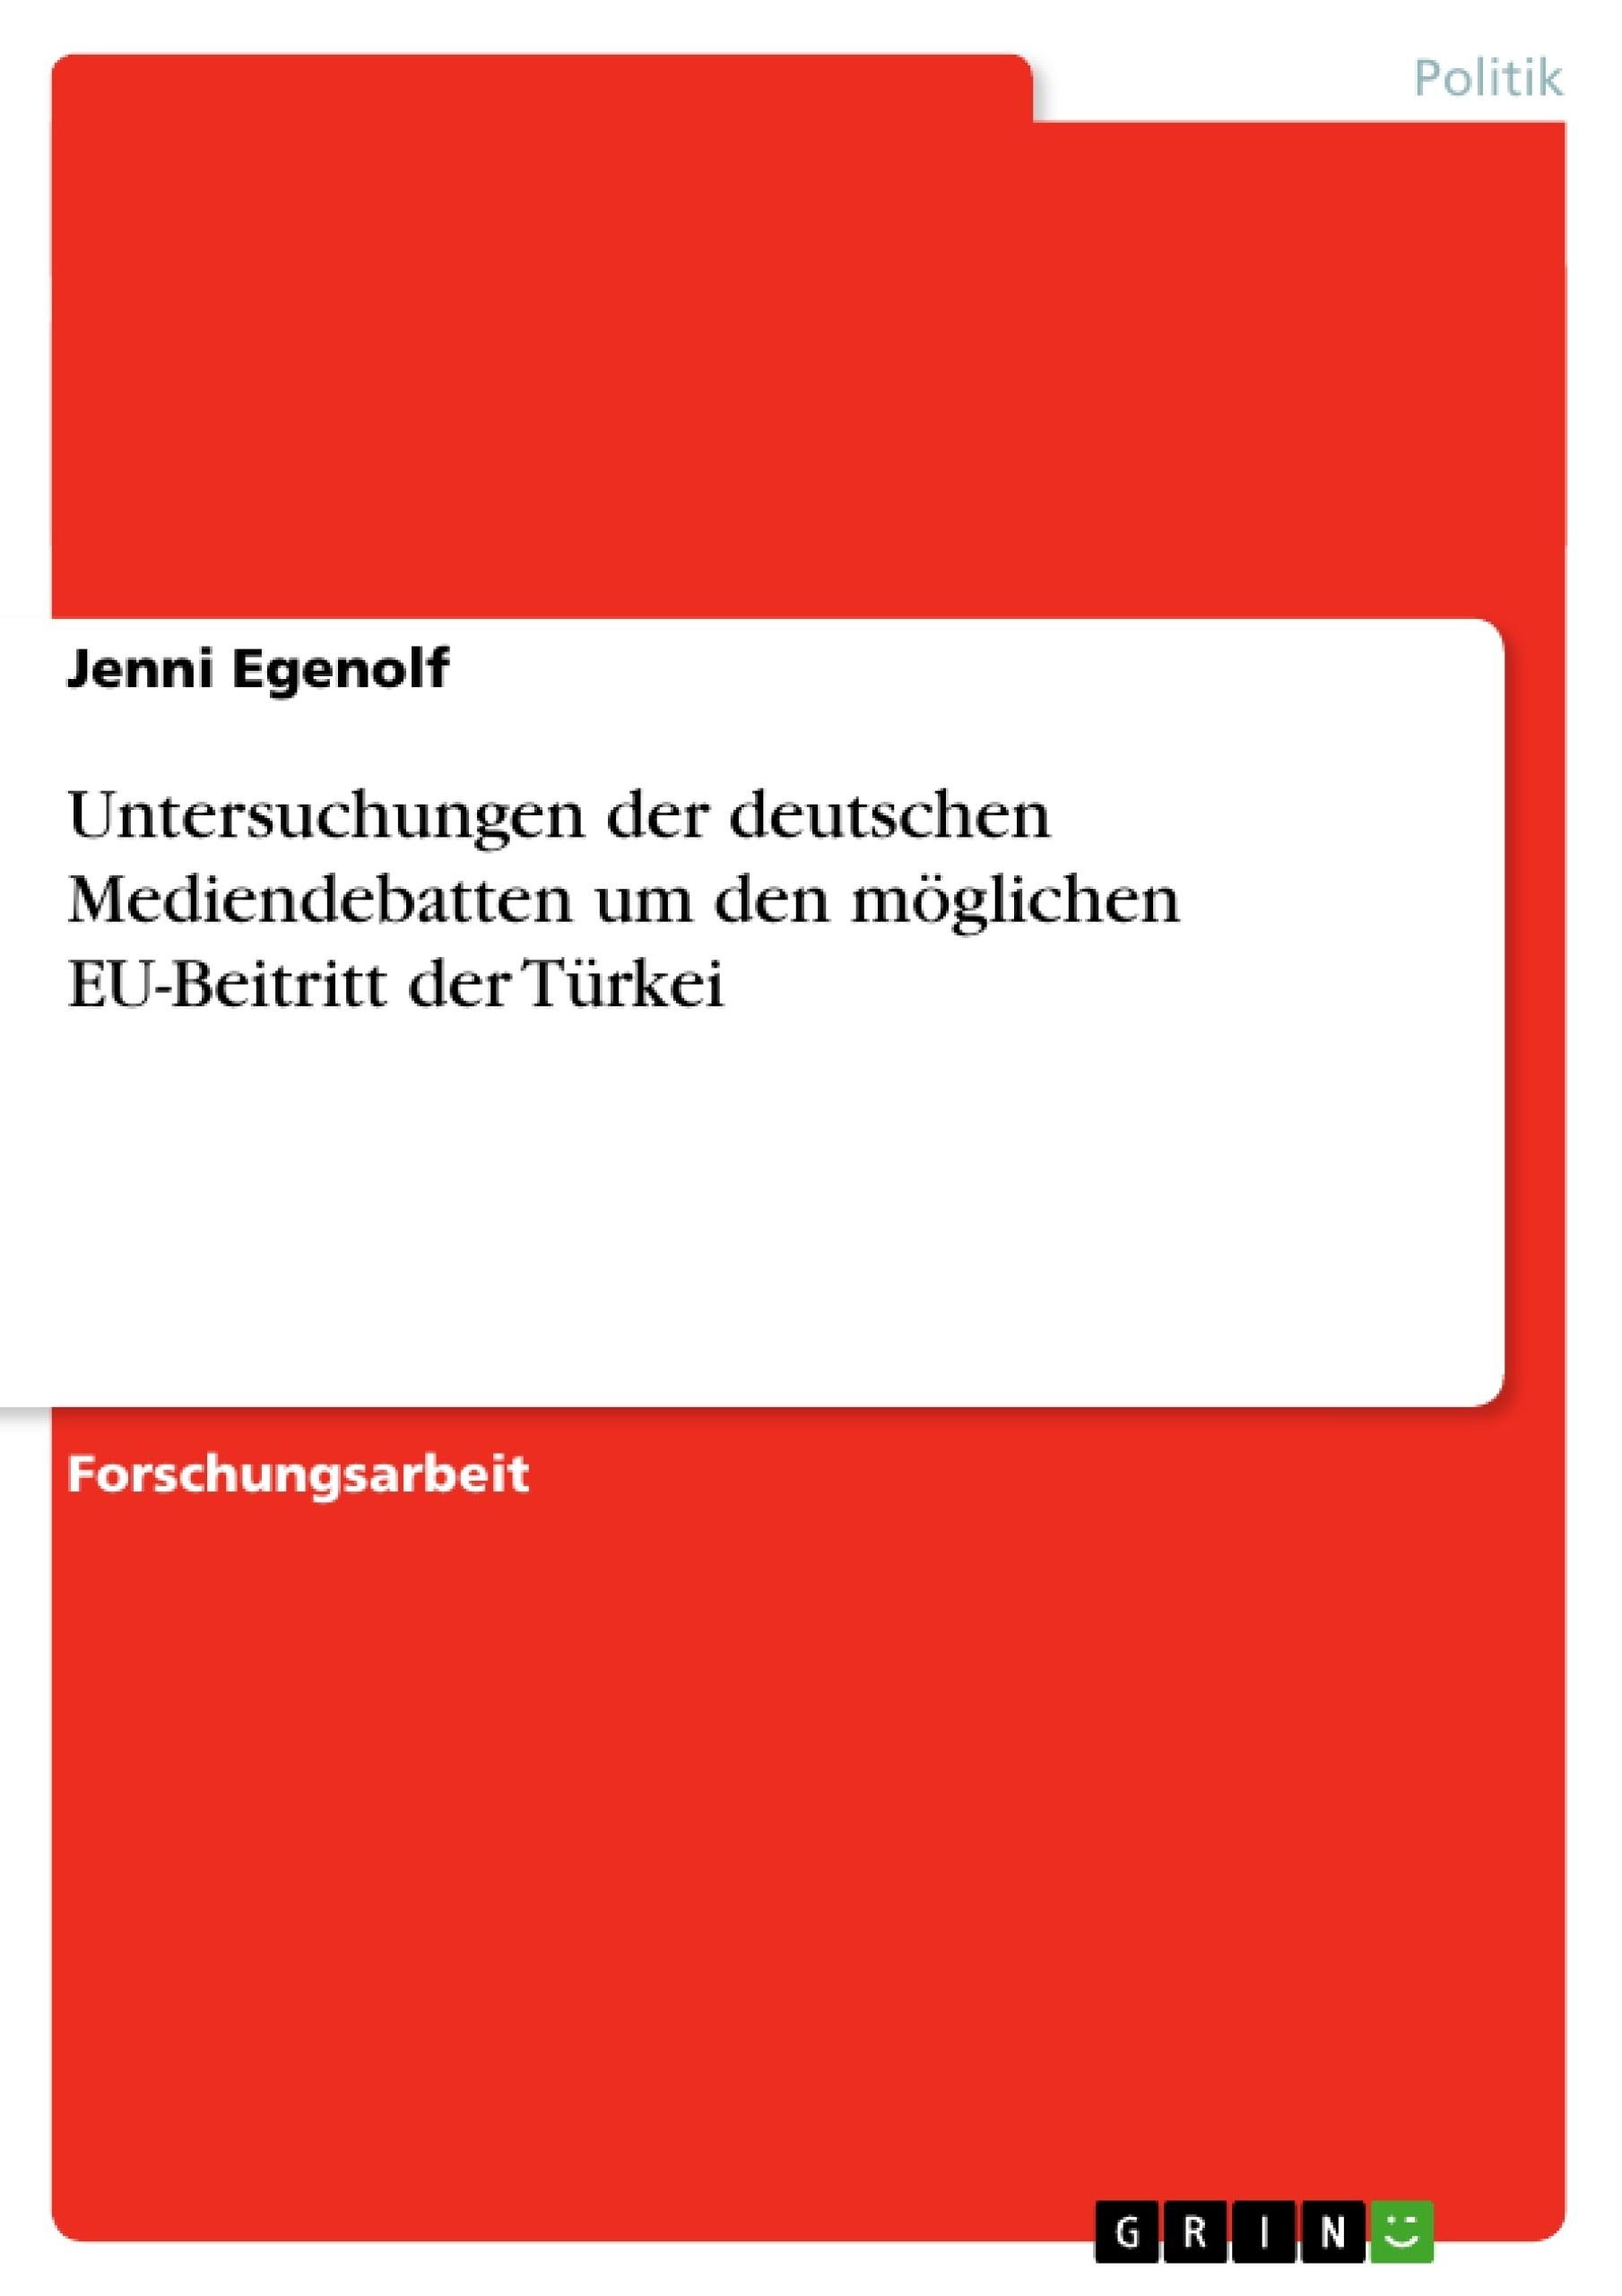 Titel: Untersuchungen der deutschen Mediendebatten um den möglichen EU-Beitritt der Türkei